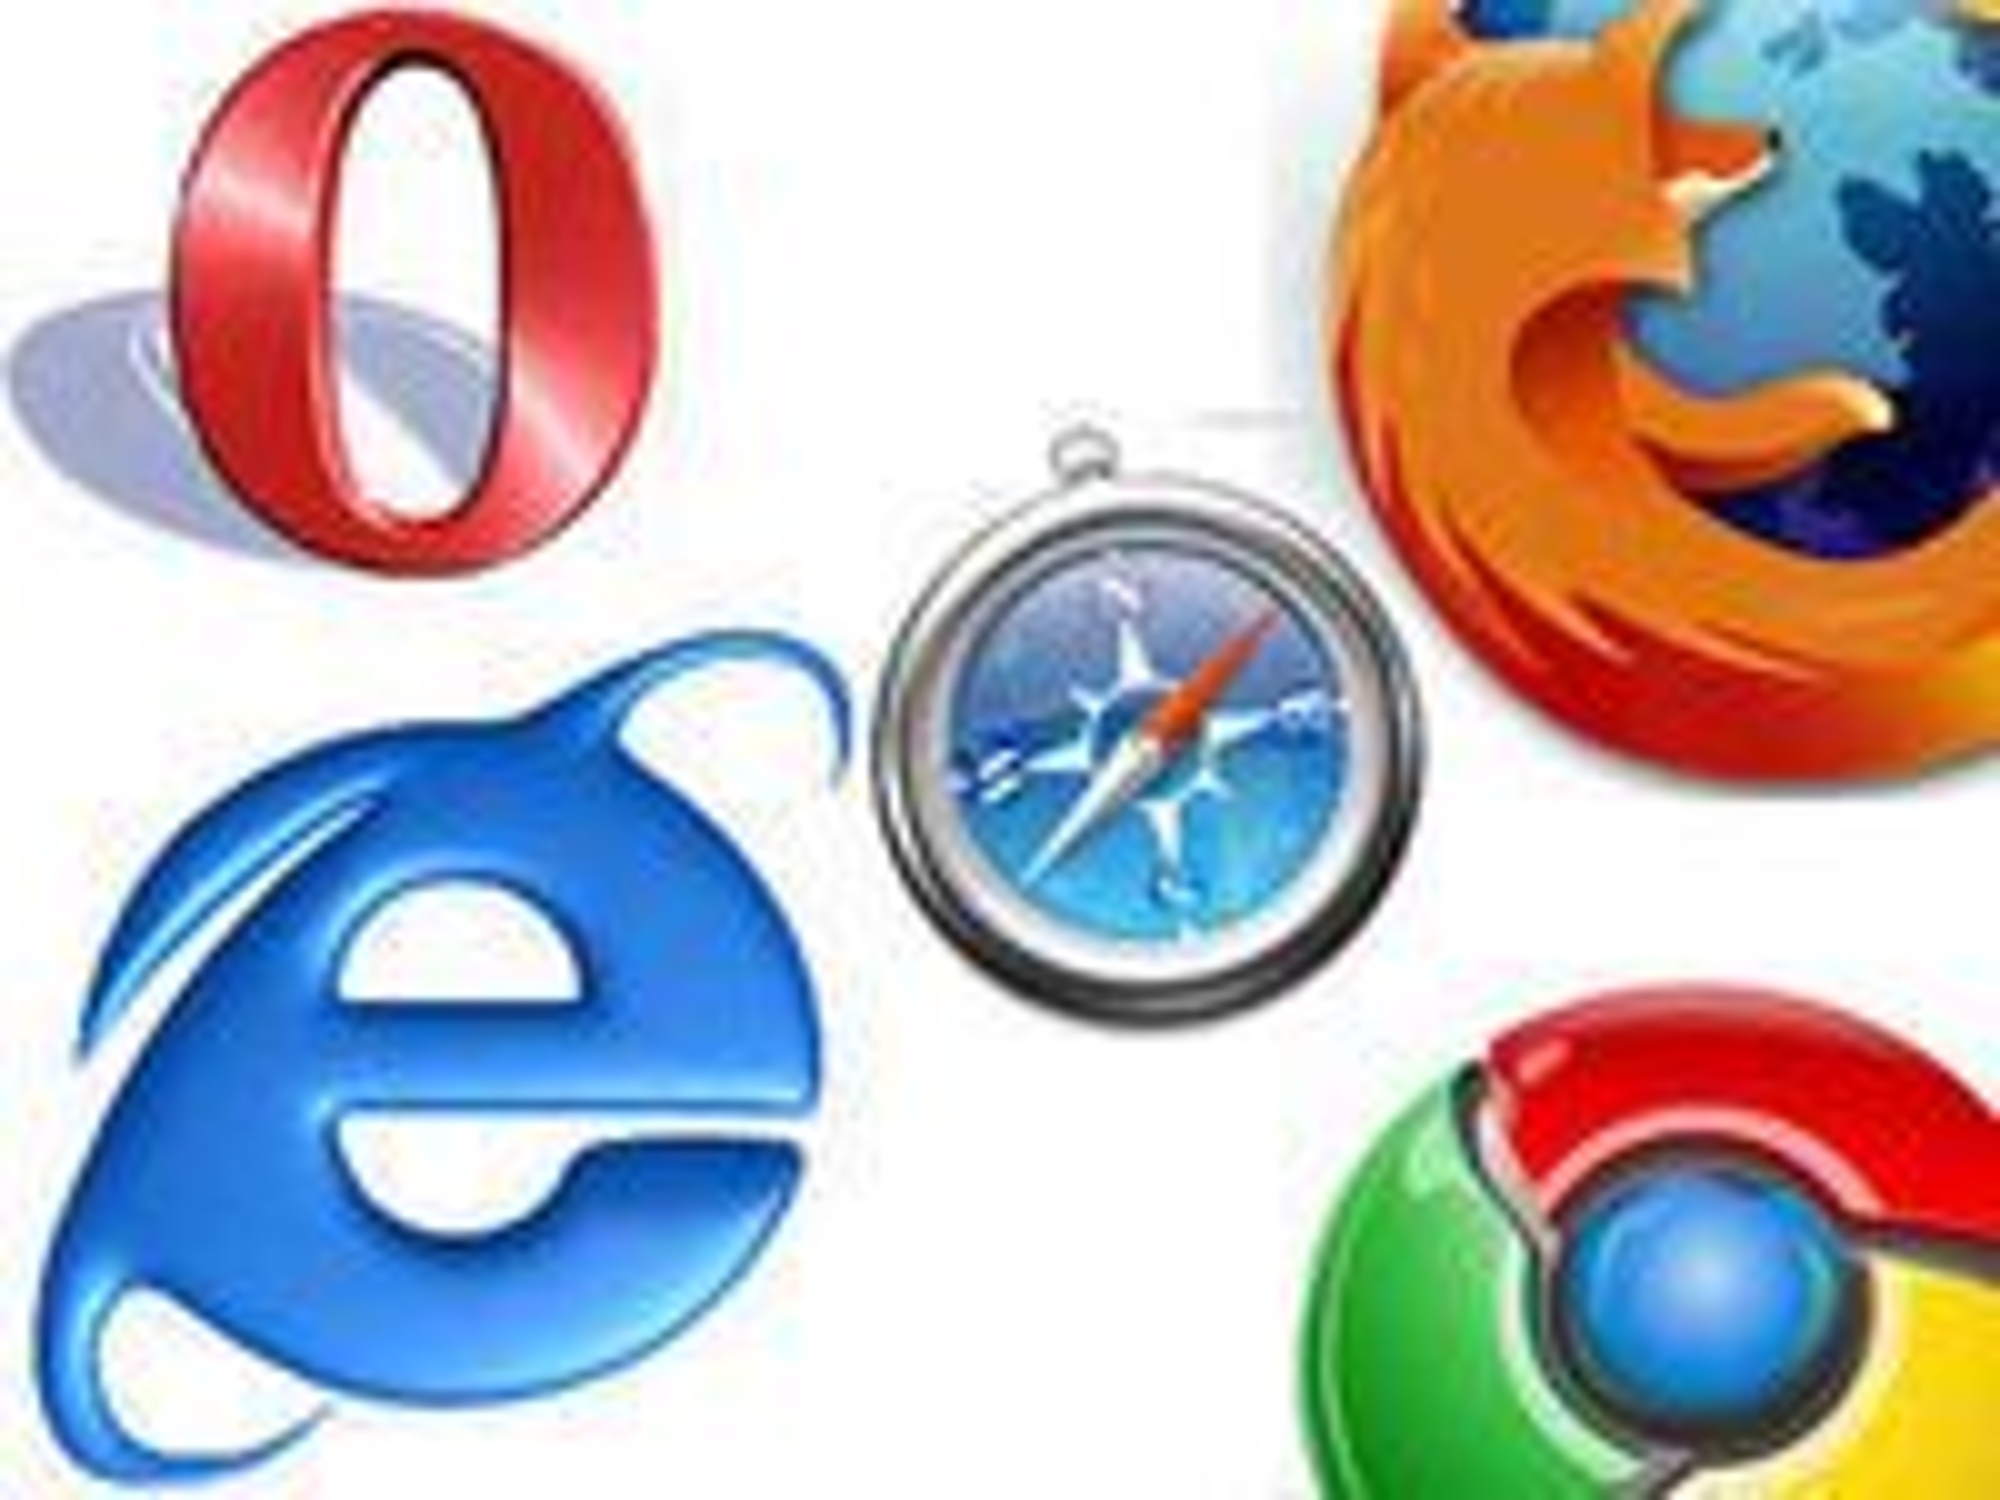 Europeisk brukere skal kunne velge fritt mellom Opera, Internet Explorer, Safari, Firefox og Chrome.